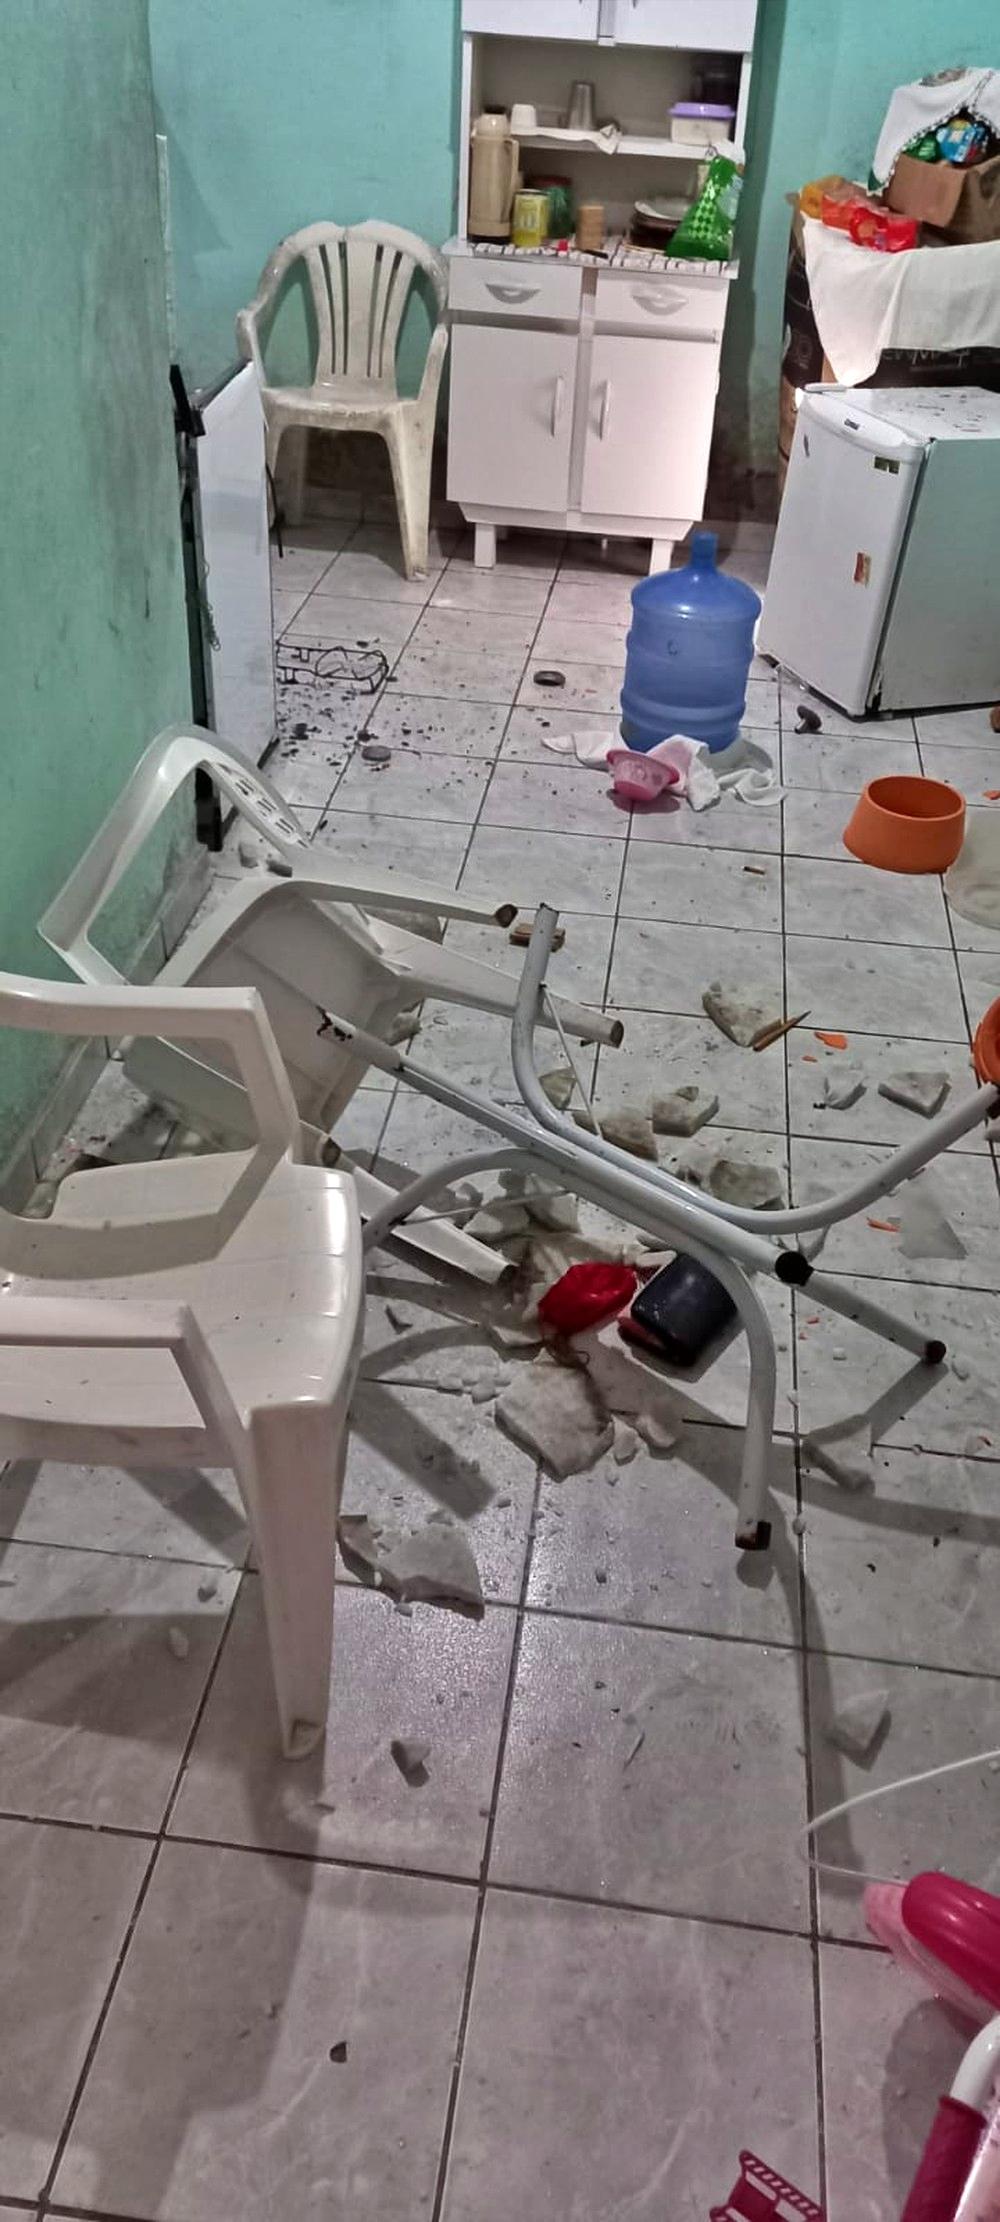 Endiabrado, homem invade casa da ex-mulher, pinta miséria e acaba preso